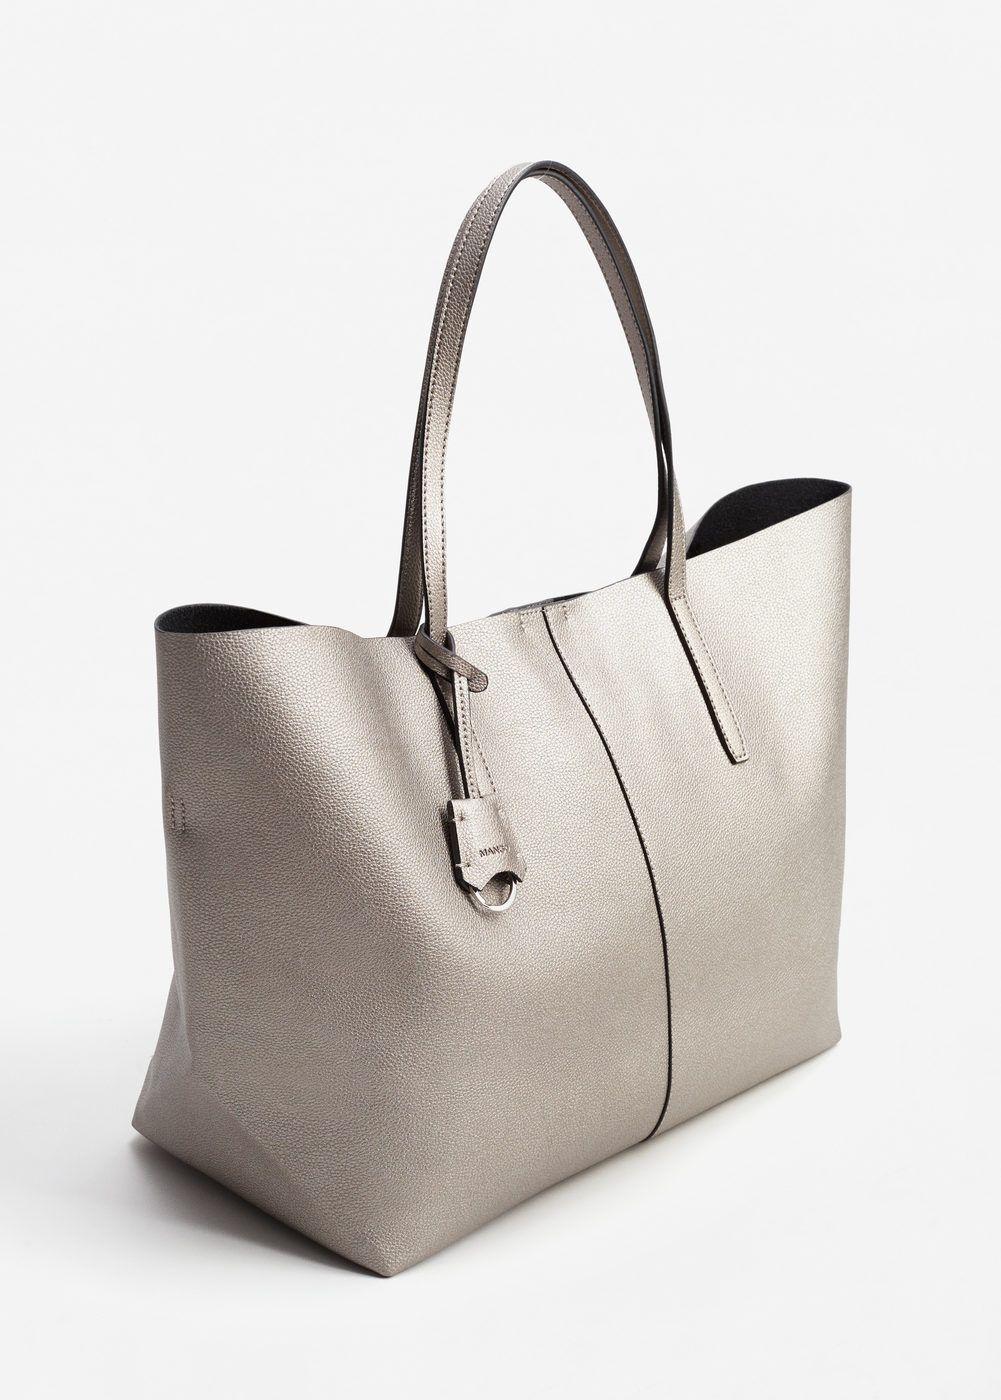 0a0e22a929d theannaedit-style-post-ysl-bag-march-2017-8 · Pebbled effect shopper bag -  Women